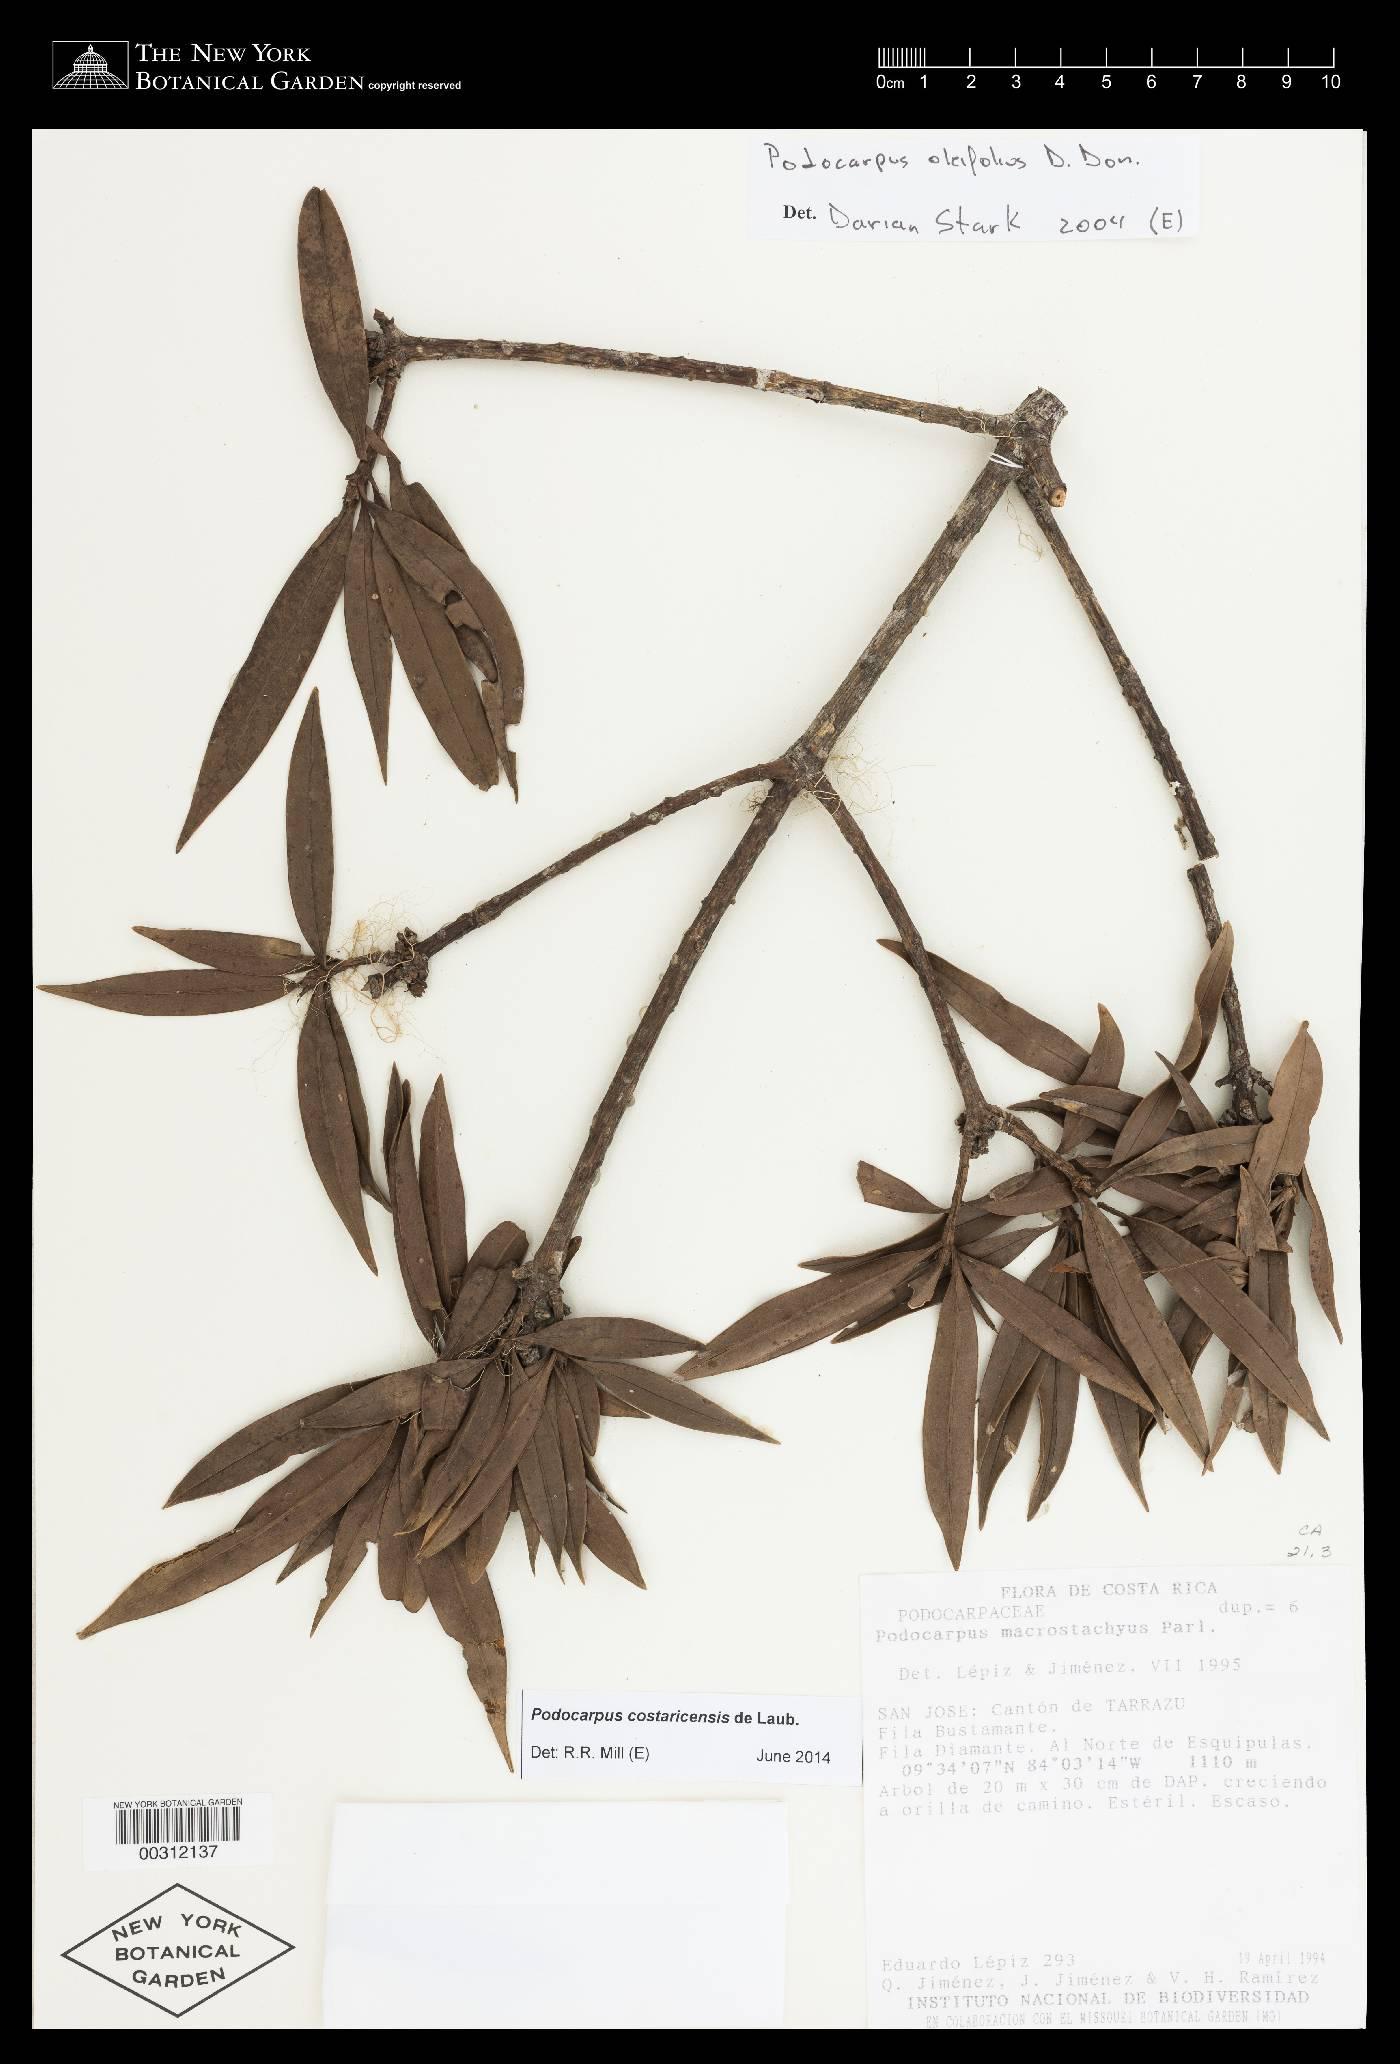 Podocarpus costaricensis image